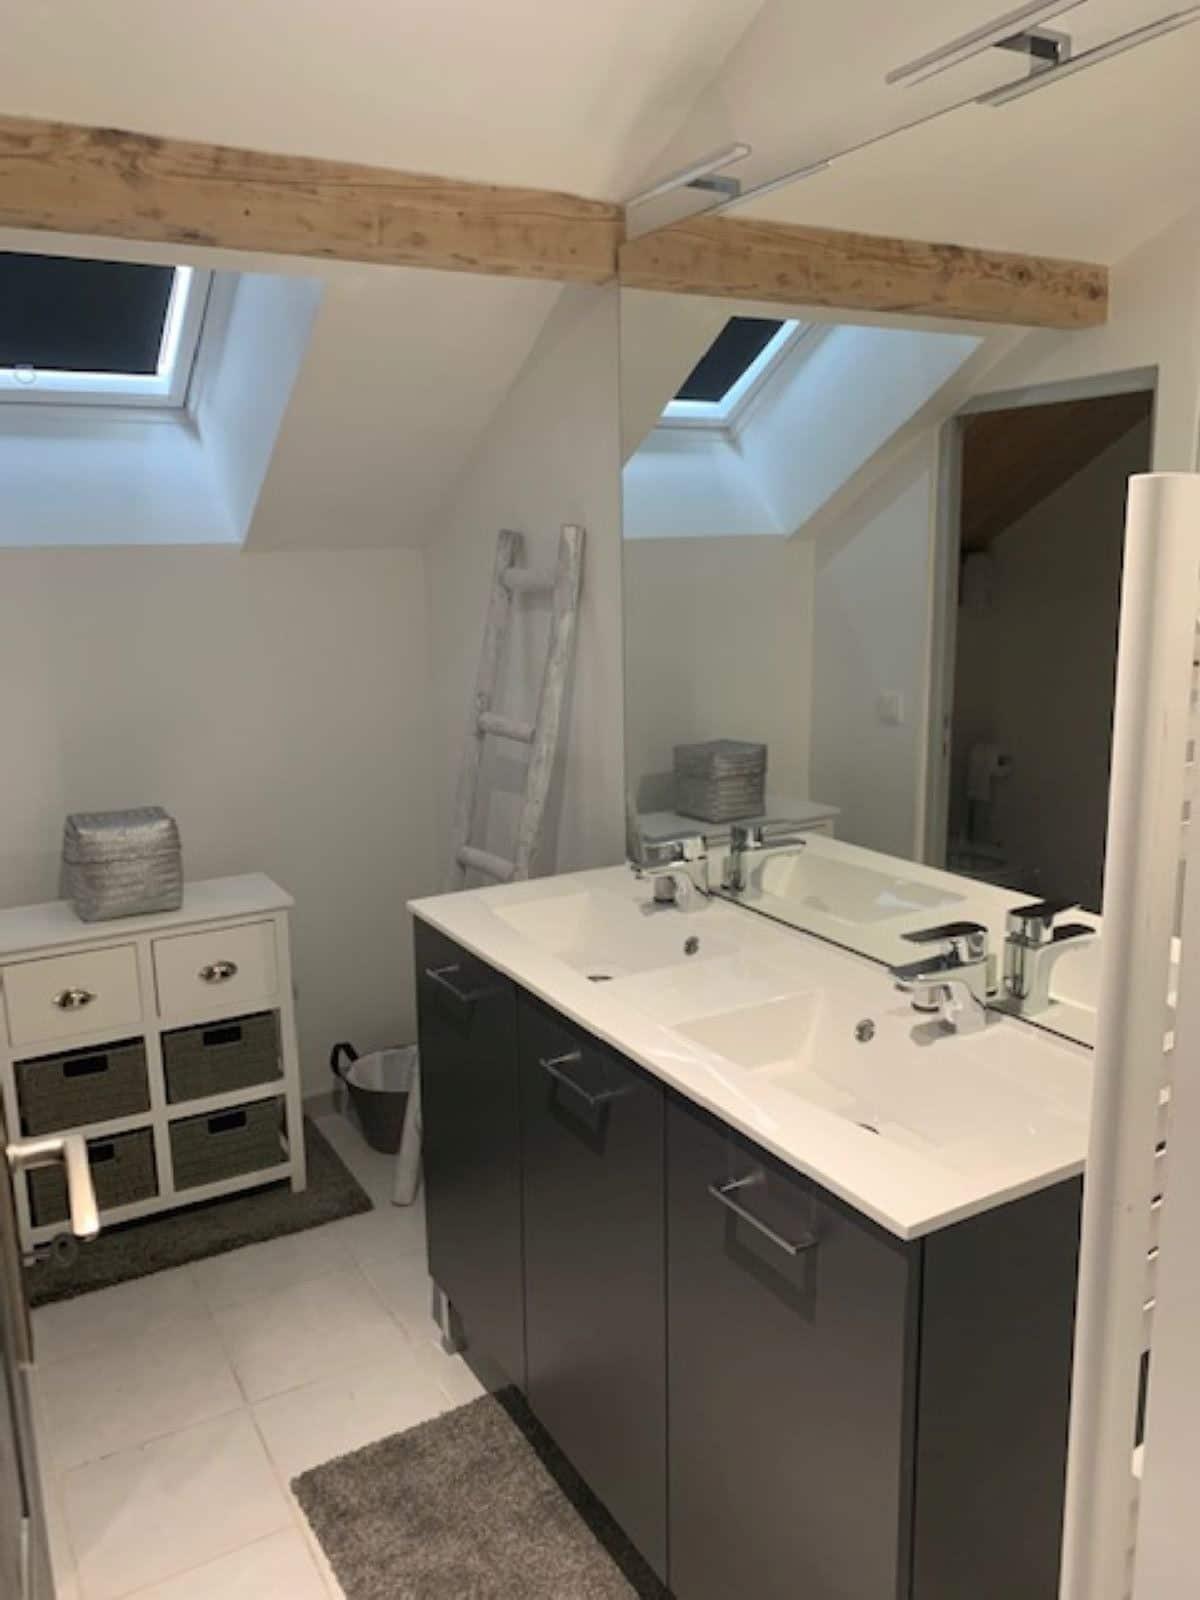 sdd 4 - ANCELLE T4 DE 100 m² (6 COUCHAGES)